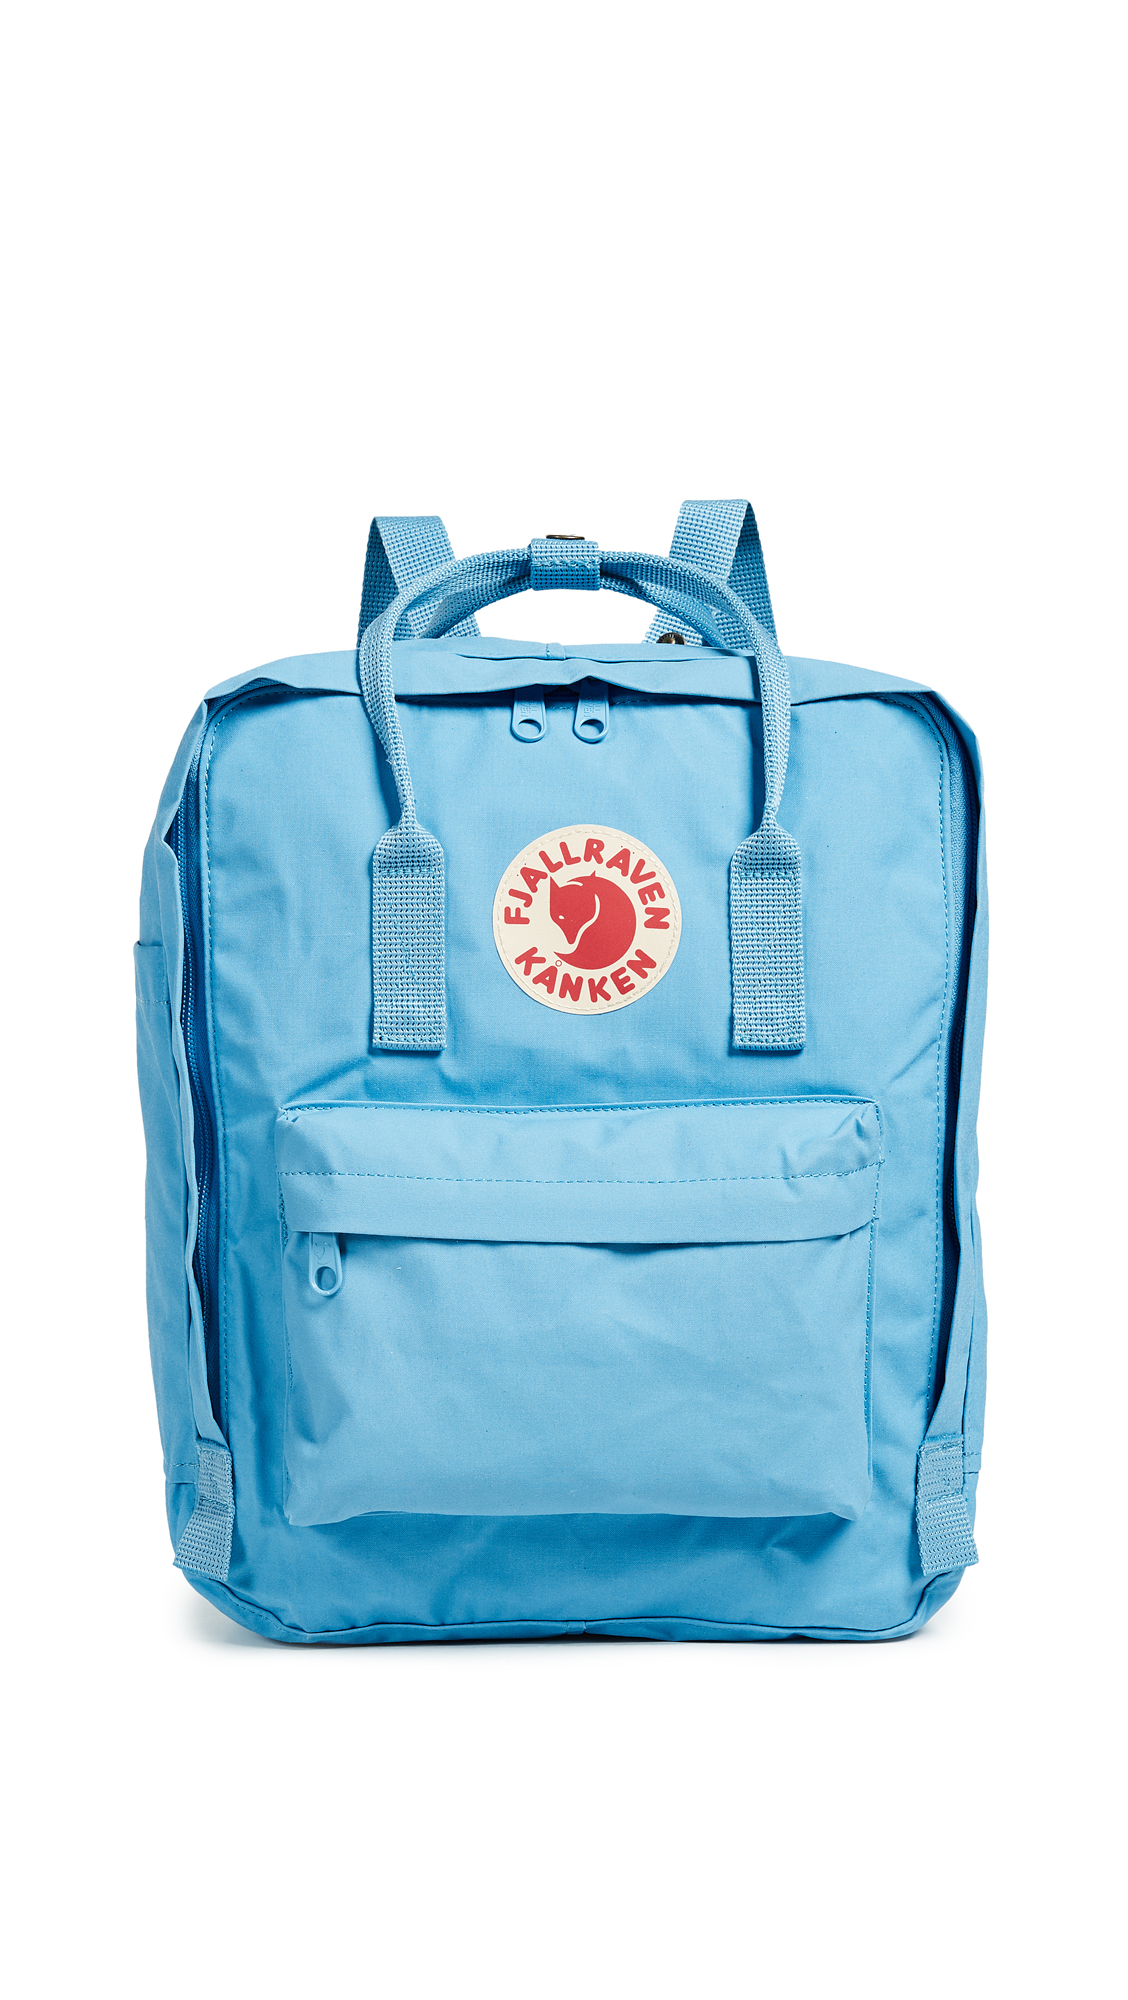 Fjallraven Kanken Backpack - Air Blue